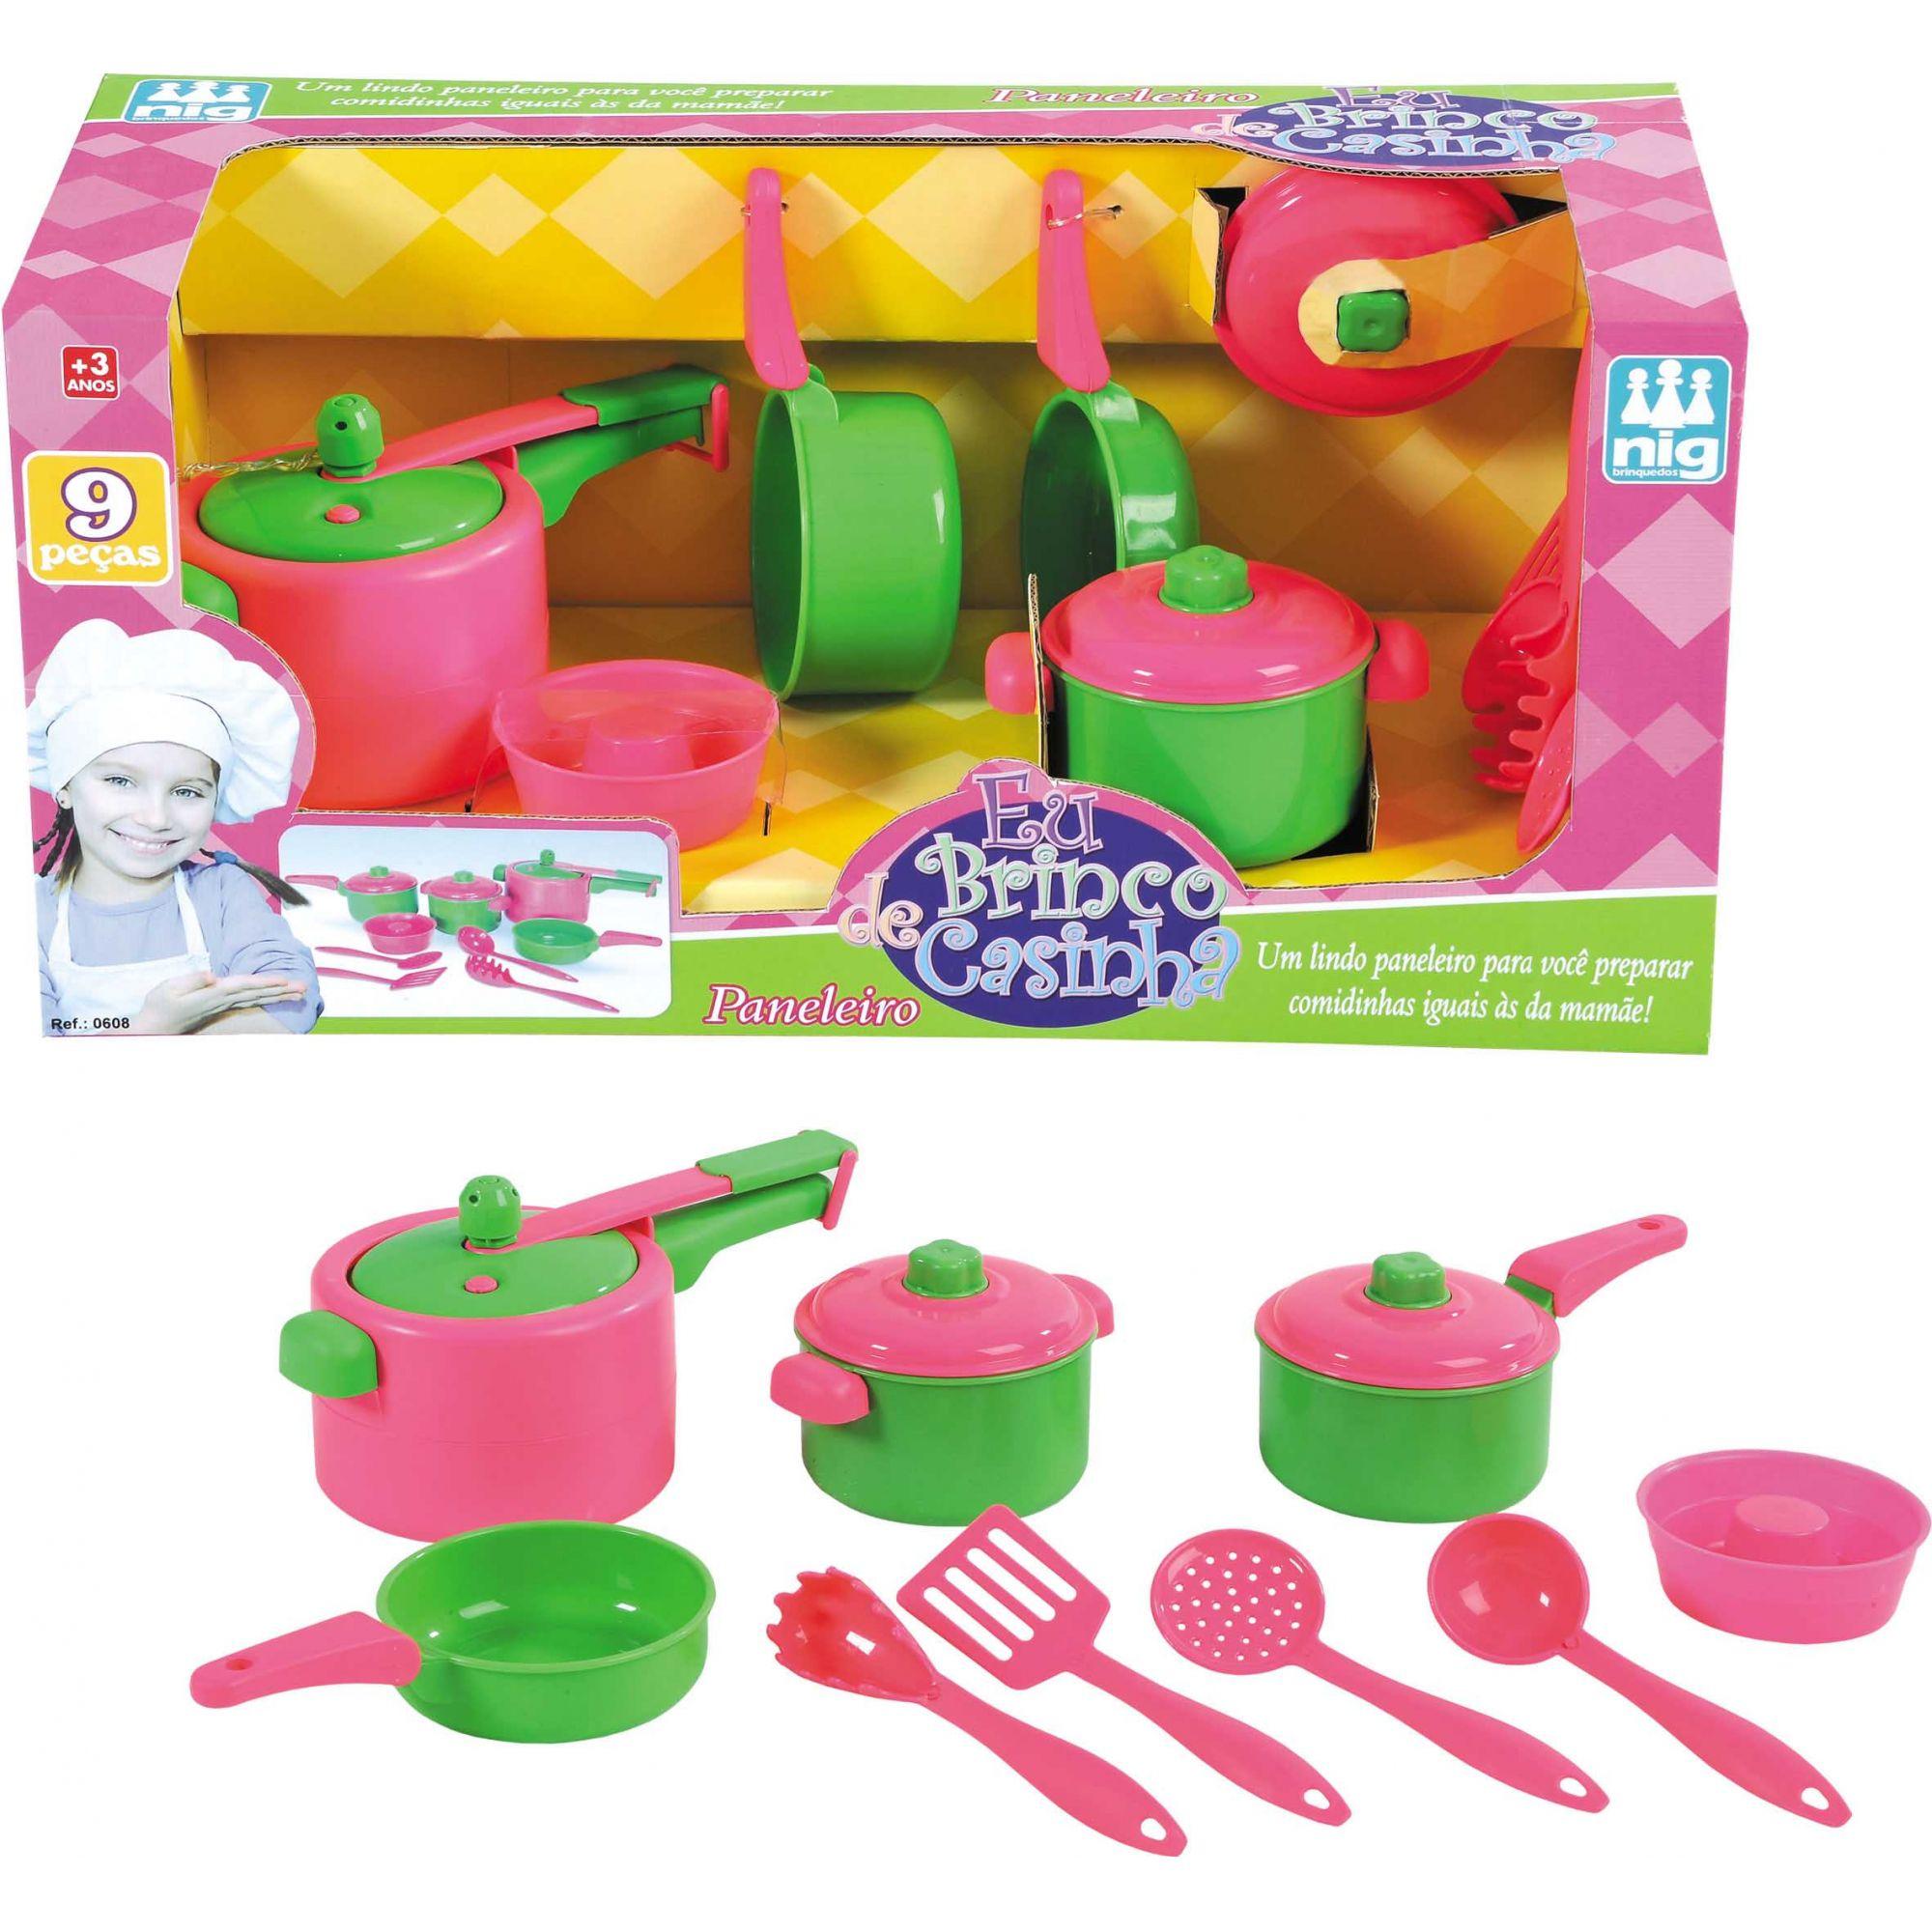 Paneleiro - Eu Brinco de Casinha - Nig Brinquedos